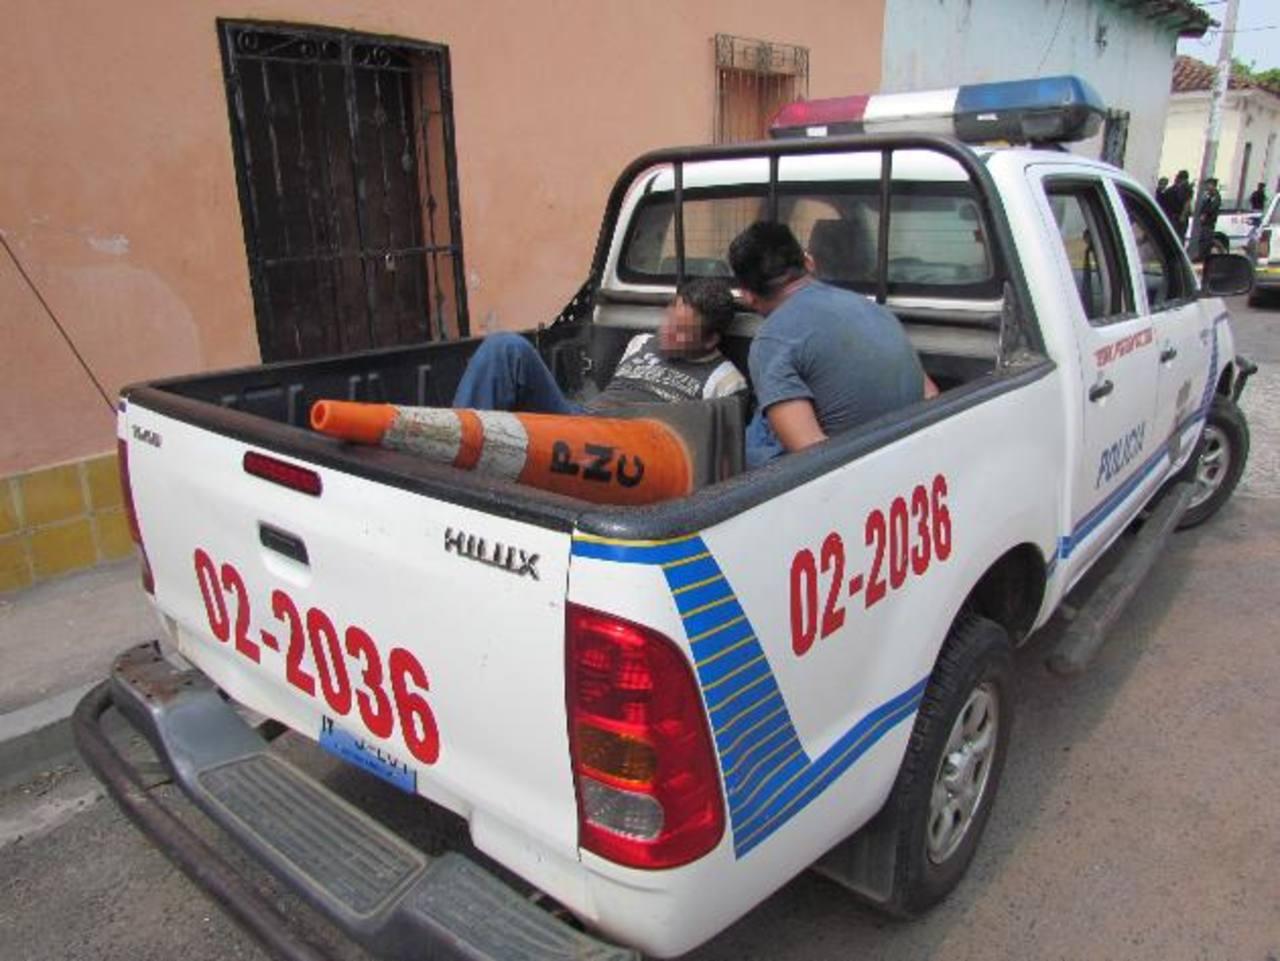 Los dos capturados serán acusados de homicidio y robo tentado. Otros dos hombres huyeron. Foto EDH / Mauricio Guevara.